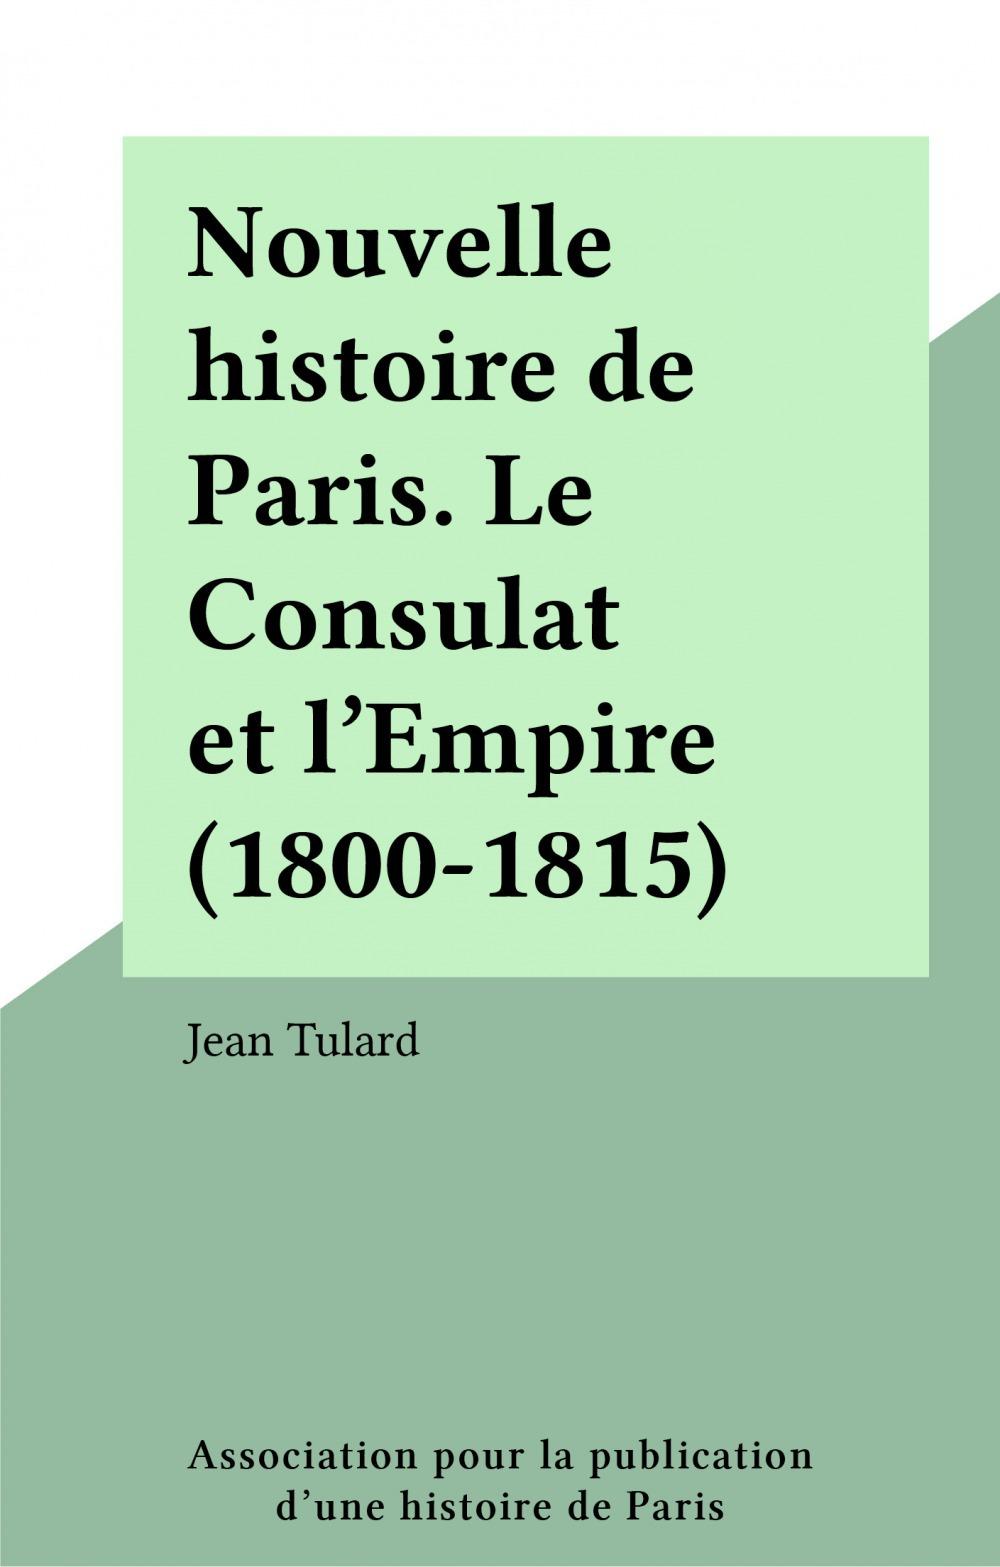 Nouvelle histoire de Paris. Le Consulat et l'Empire (1800-1815)